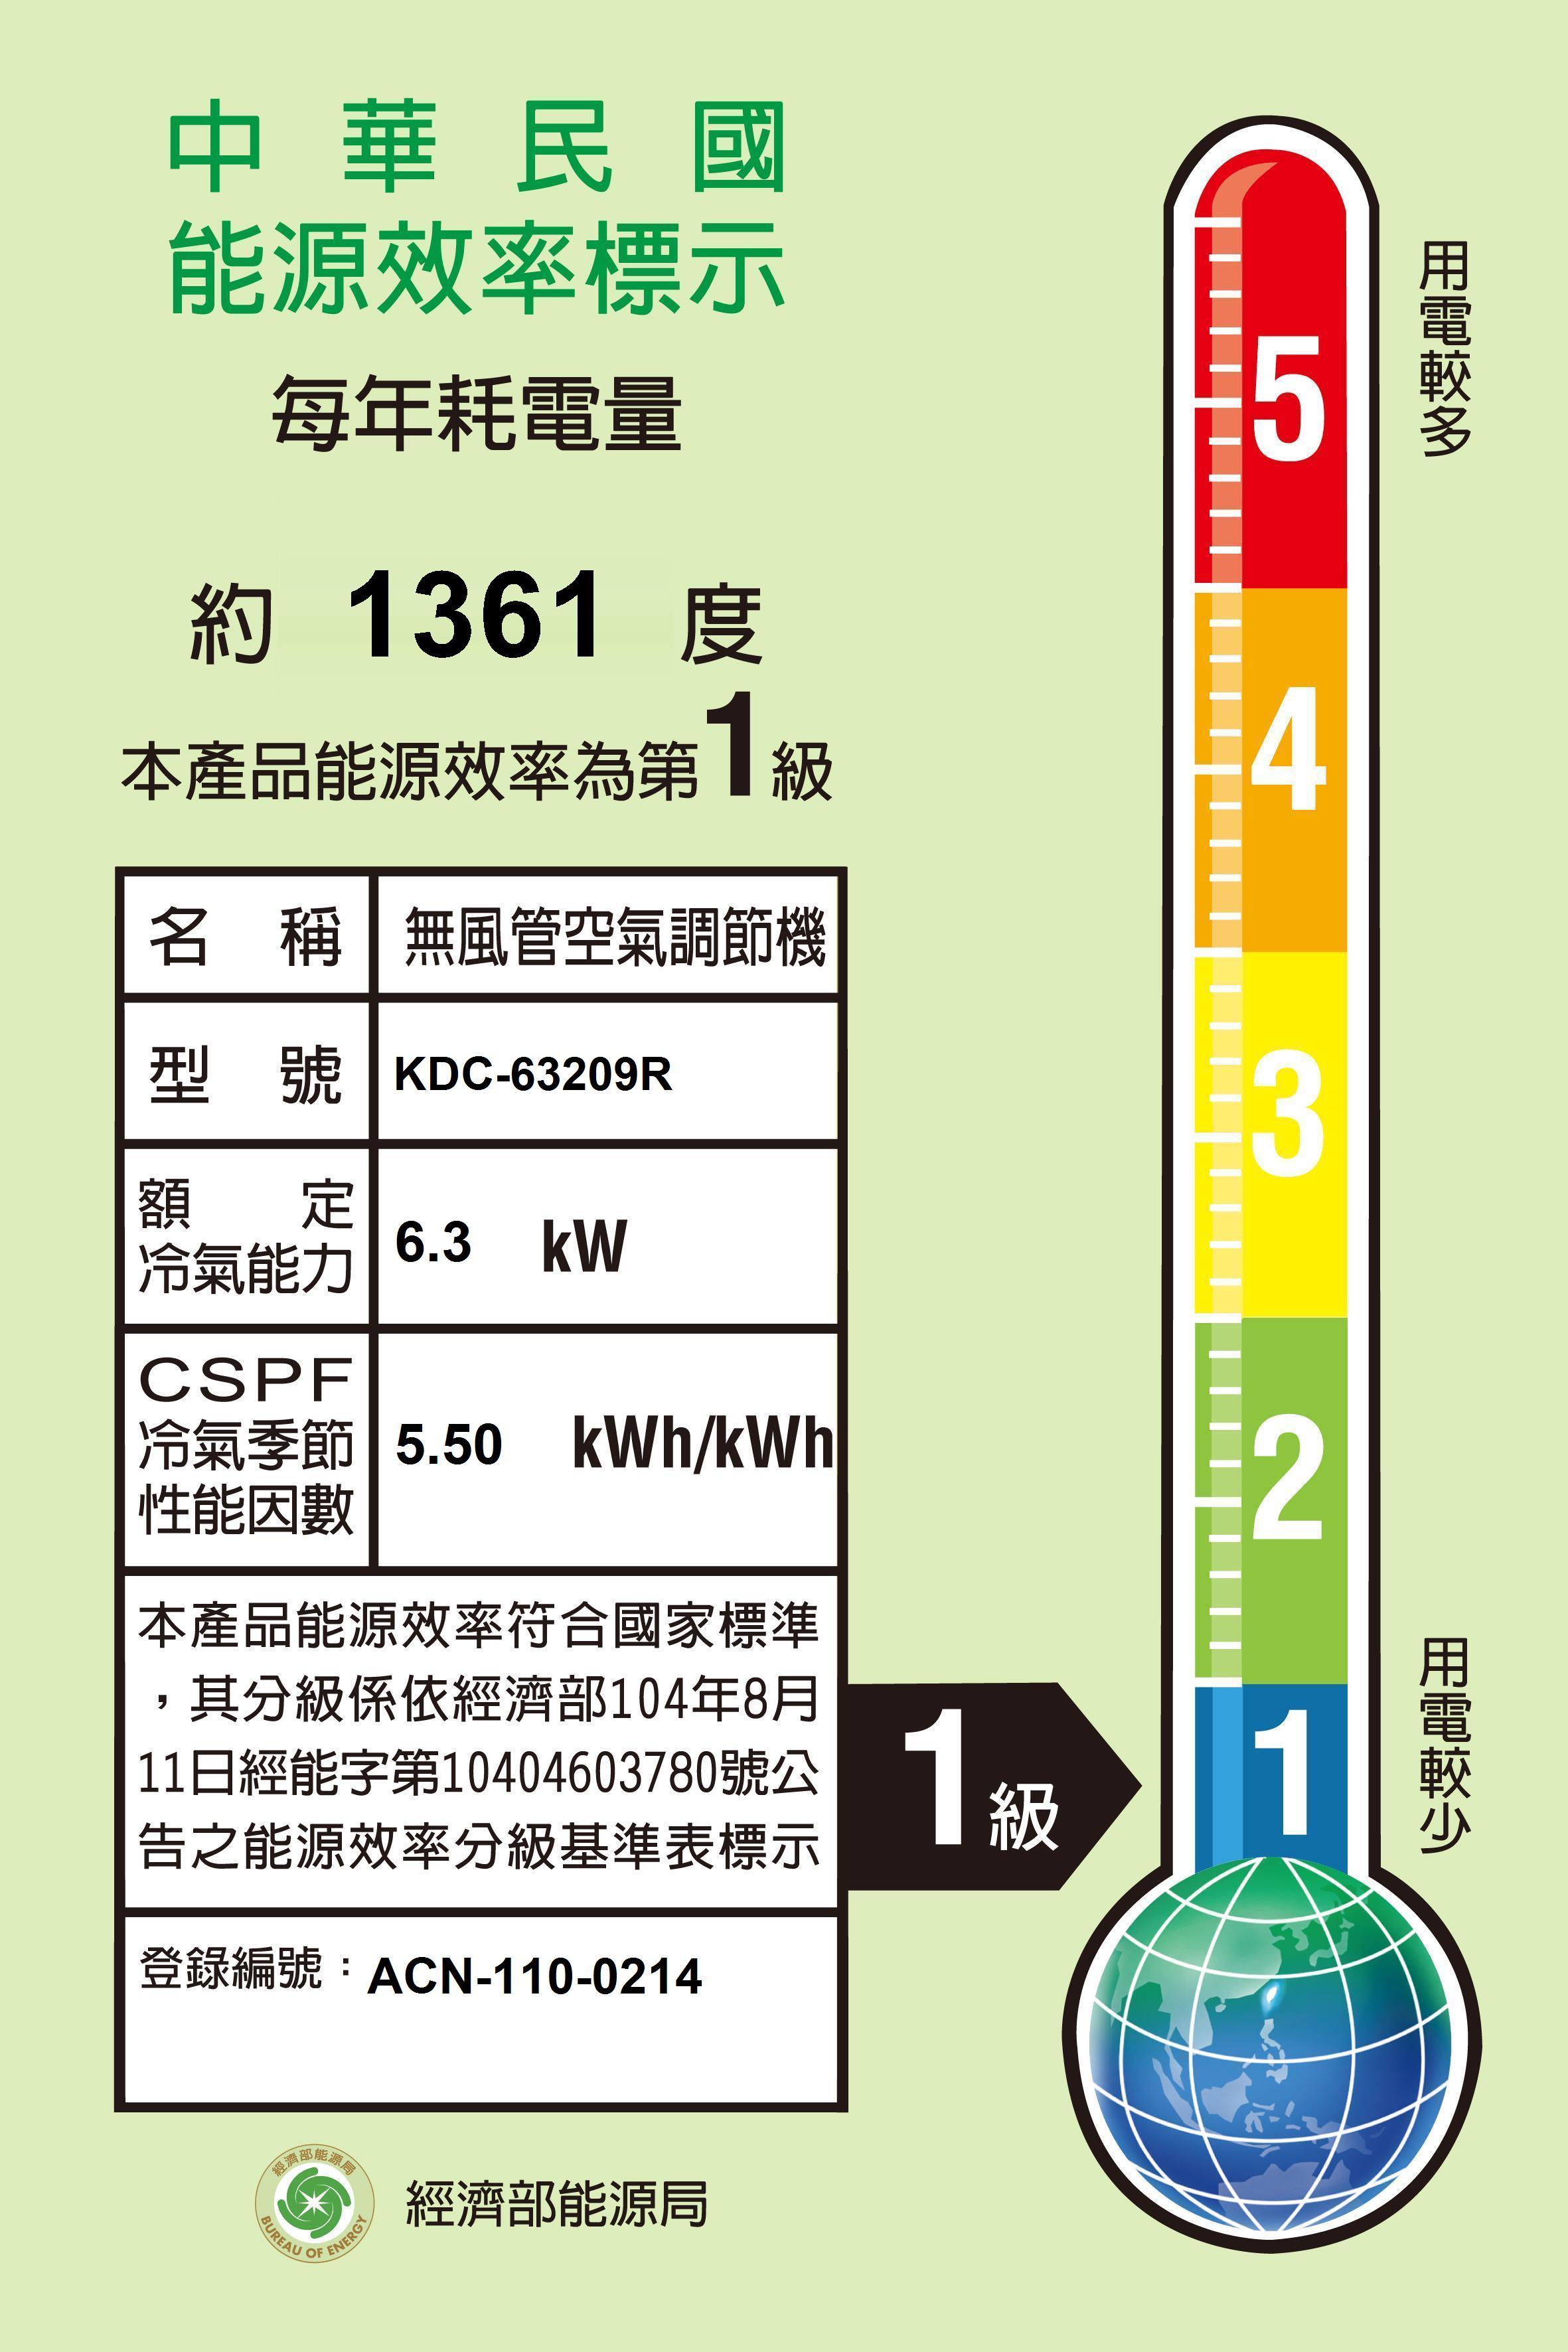 歌林變頻冷氣/冷專型_商品圖_1